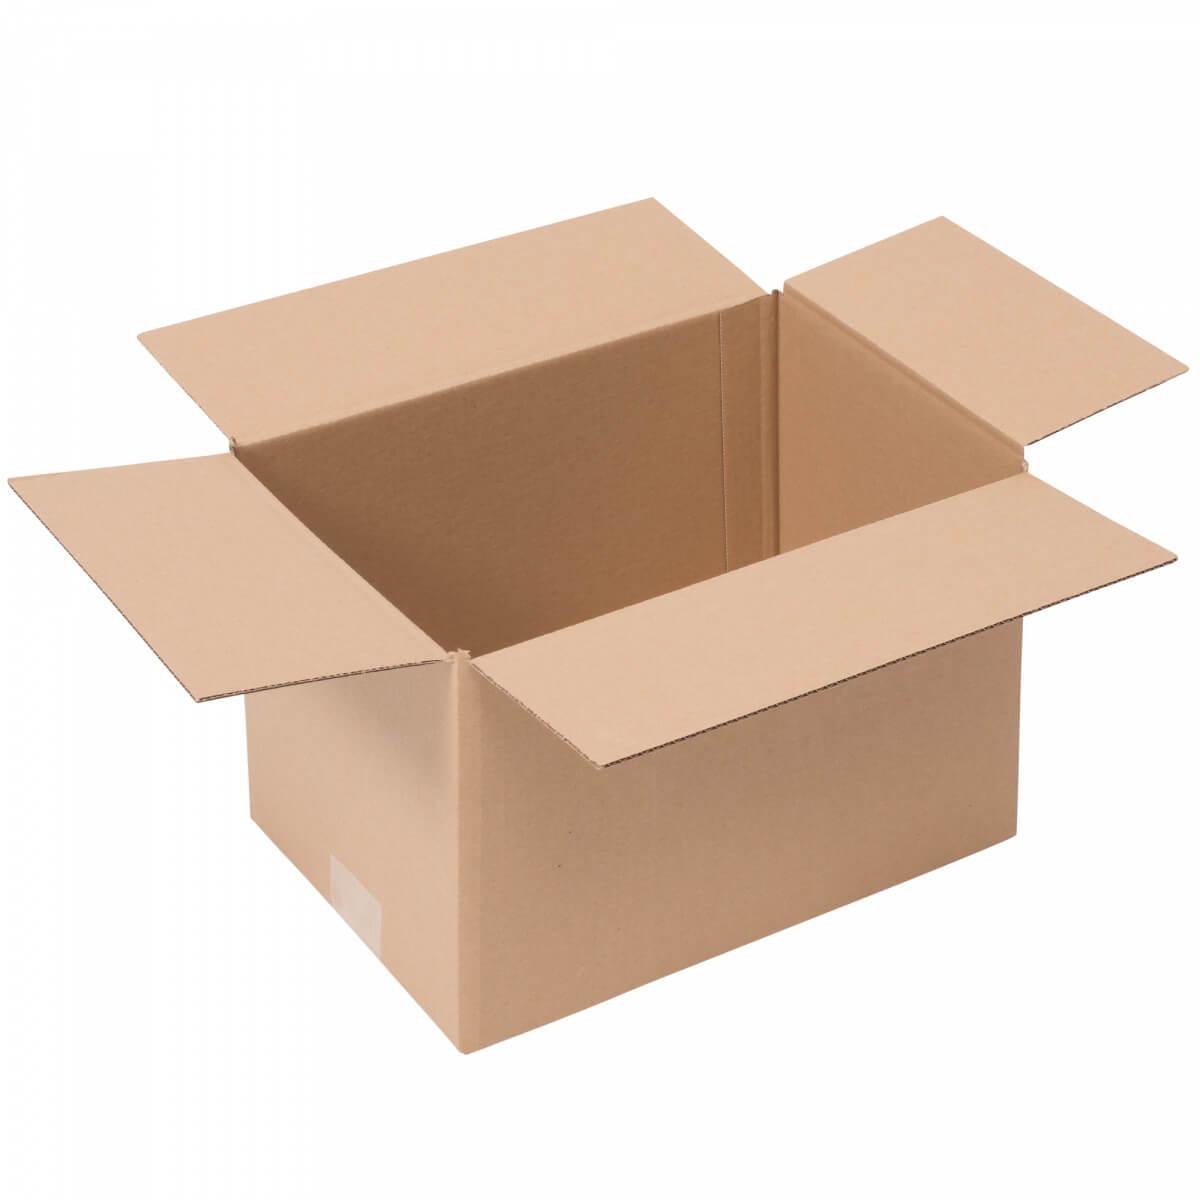 294x194x188 mm einwelliger faltkarton pack haus verpackung direkt vom hersteller. Black Bedroom Furniture Sets. Home Design Ideas